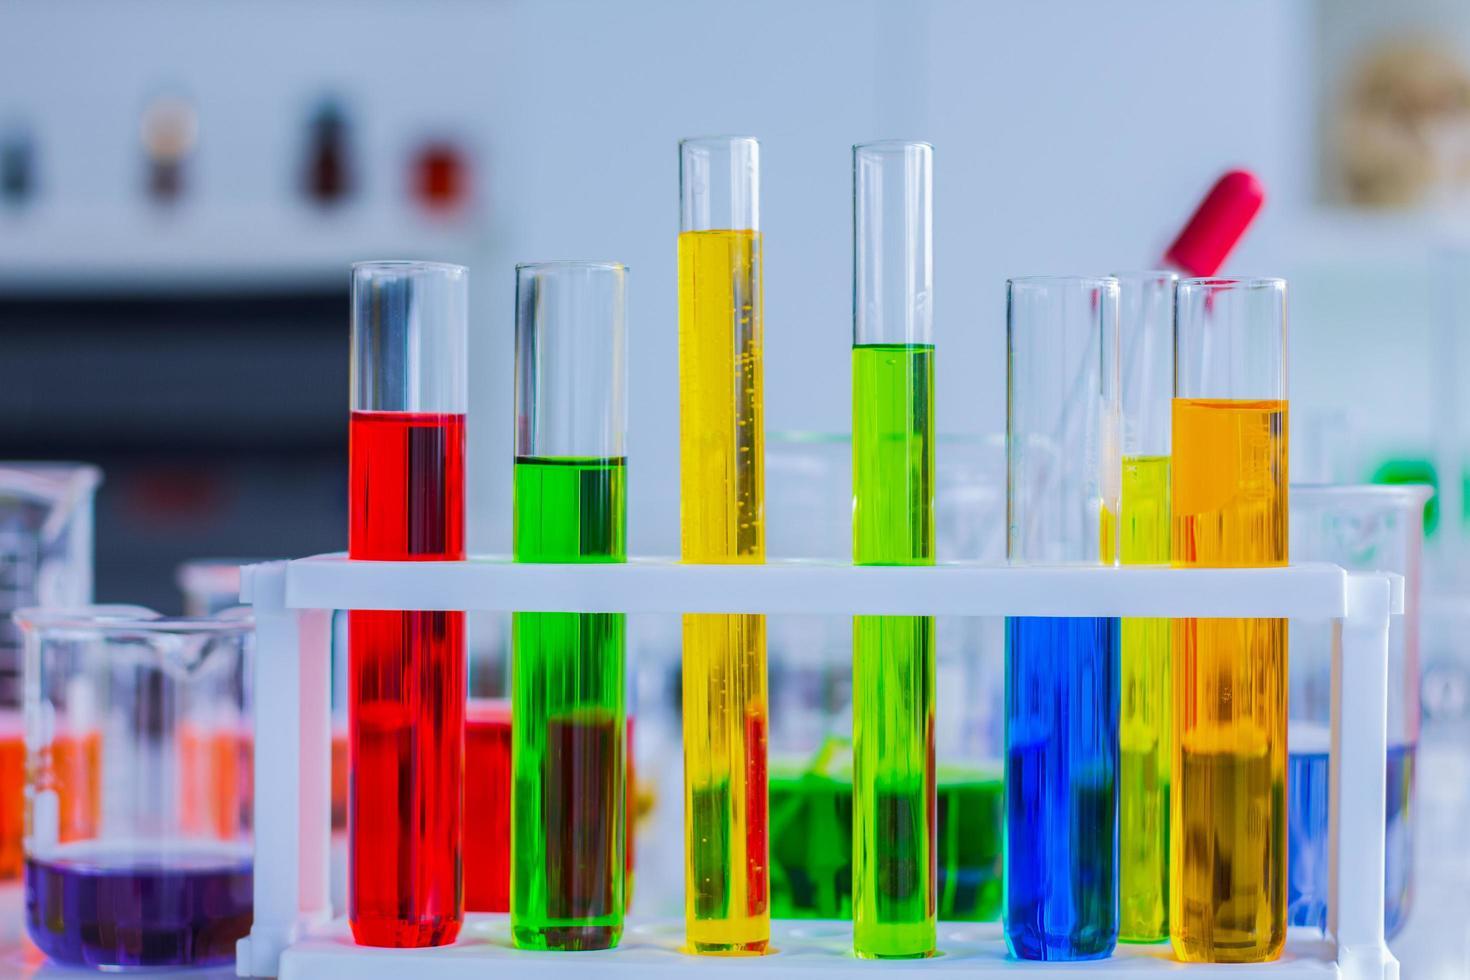 tubes à essai colorés dans un laboratoire photo